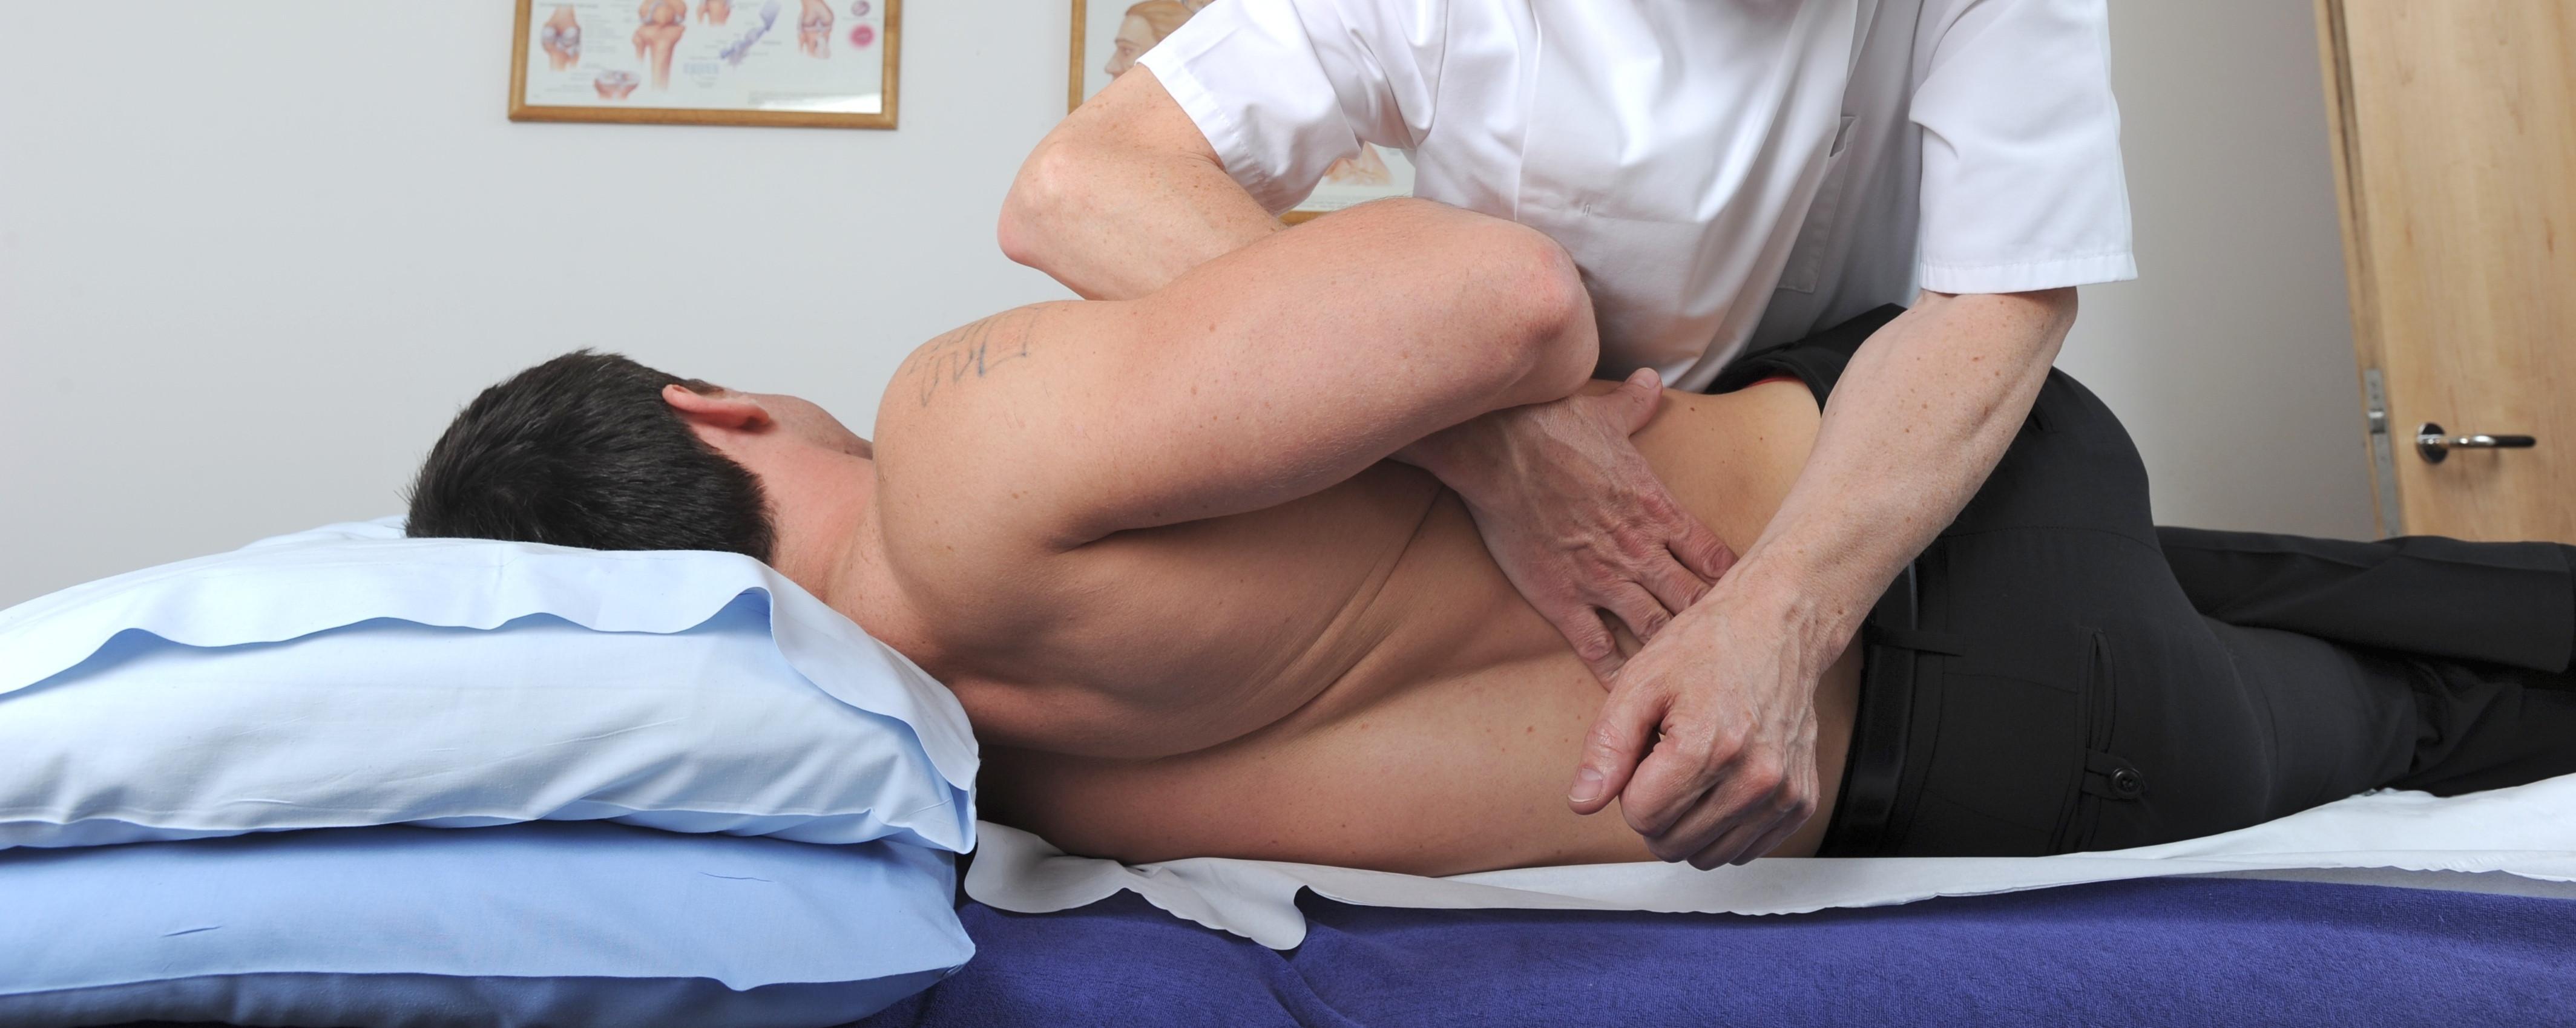 Consulta | Tratamento Osteopatia